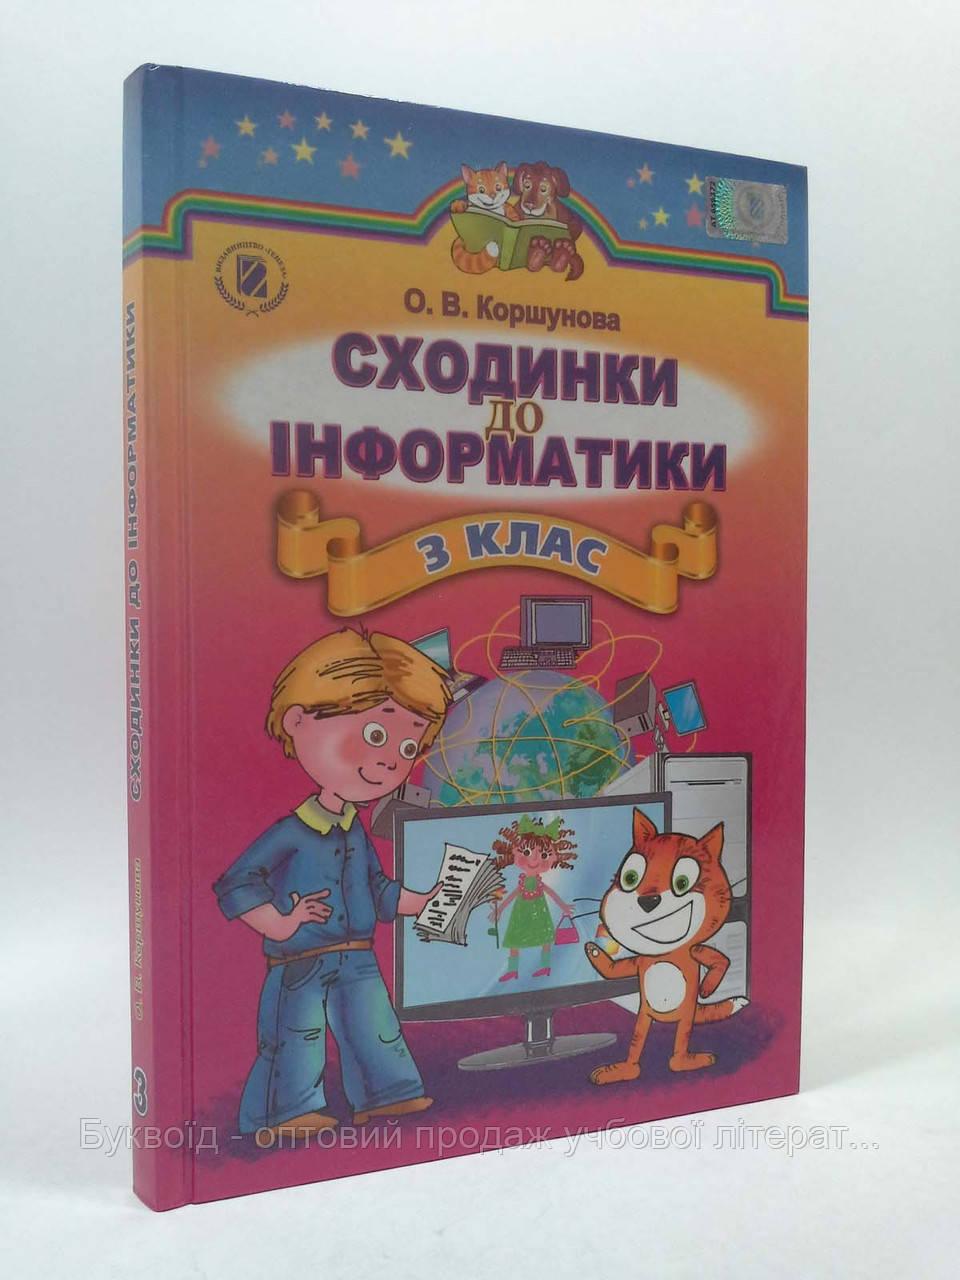 Коршунова О. В. ISBN 978-966-11-0312-1 /Сходинки до інформатики, 3 кл., Підручник